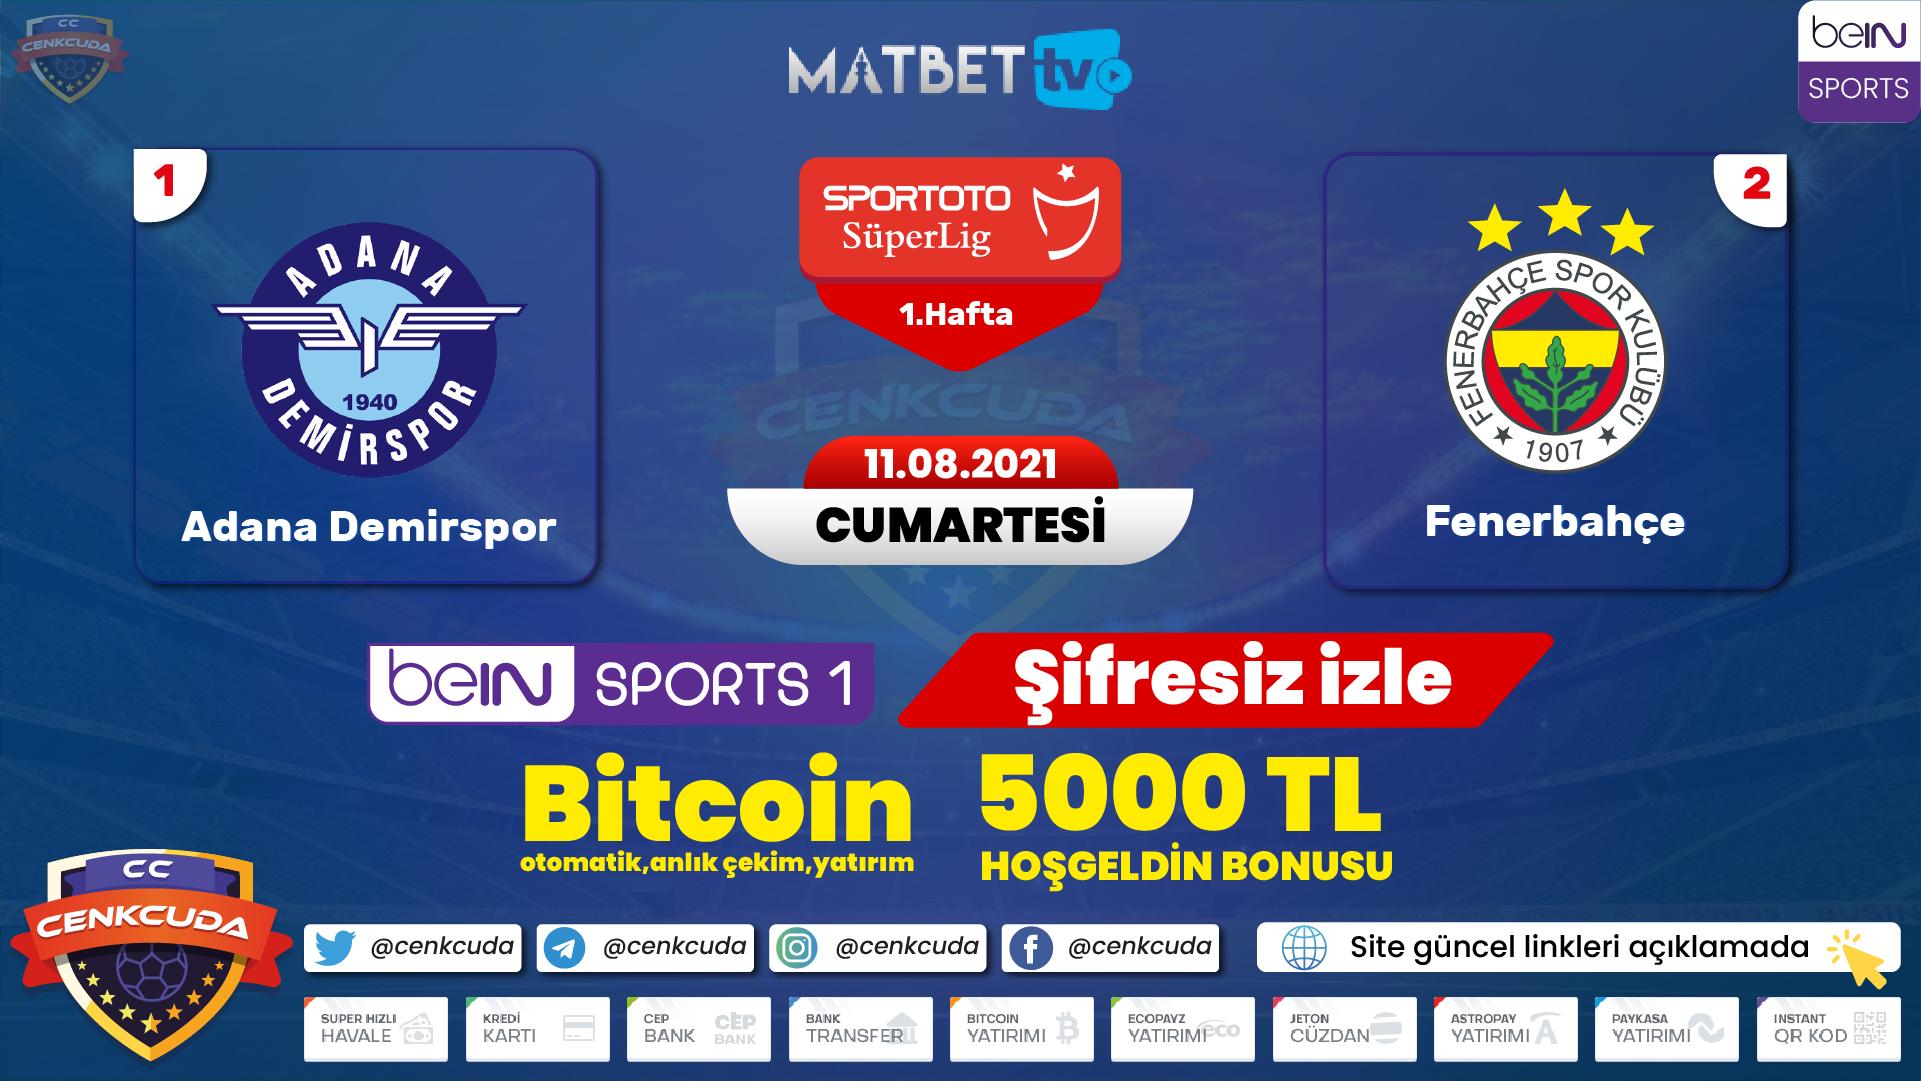 Fenerbahçe Adana demirspor